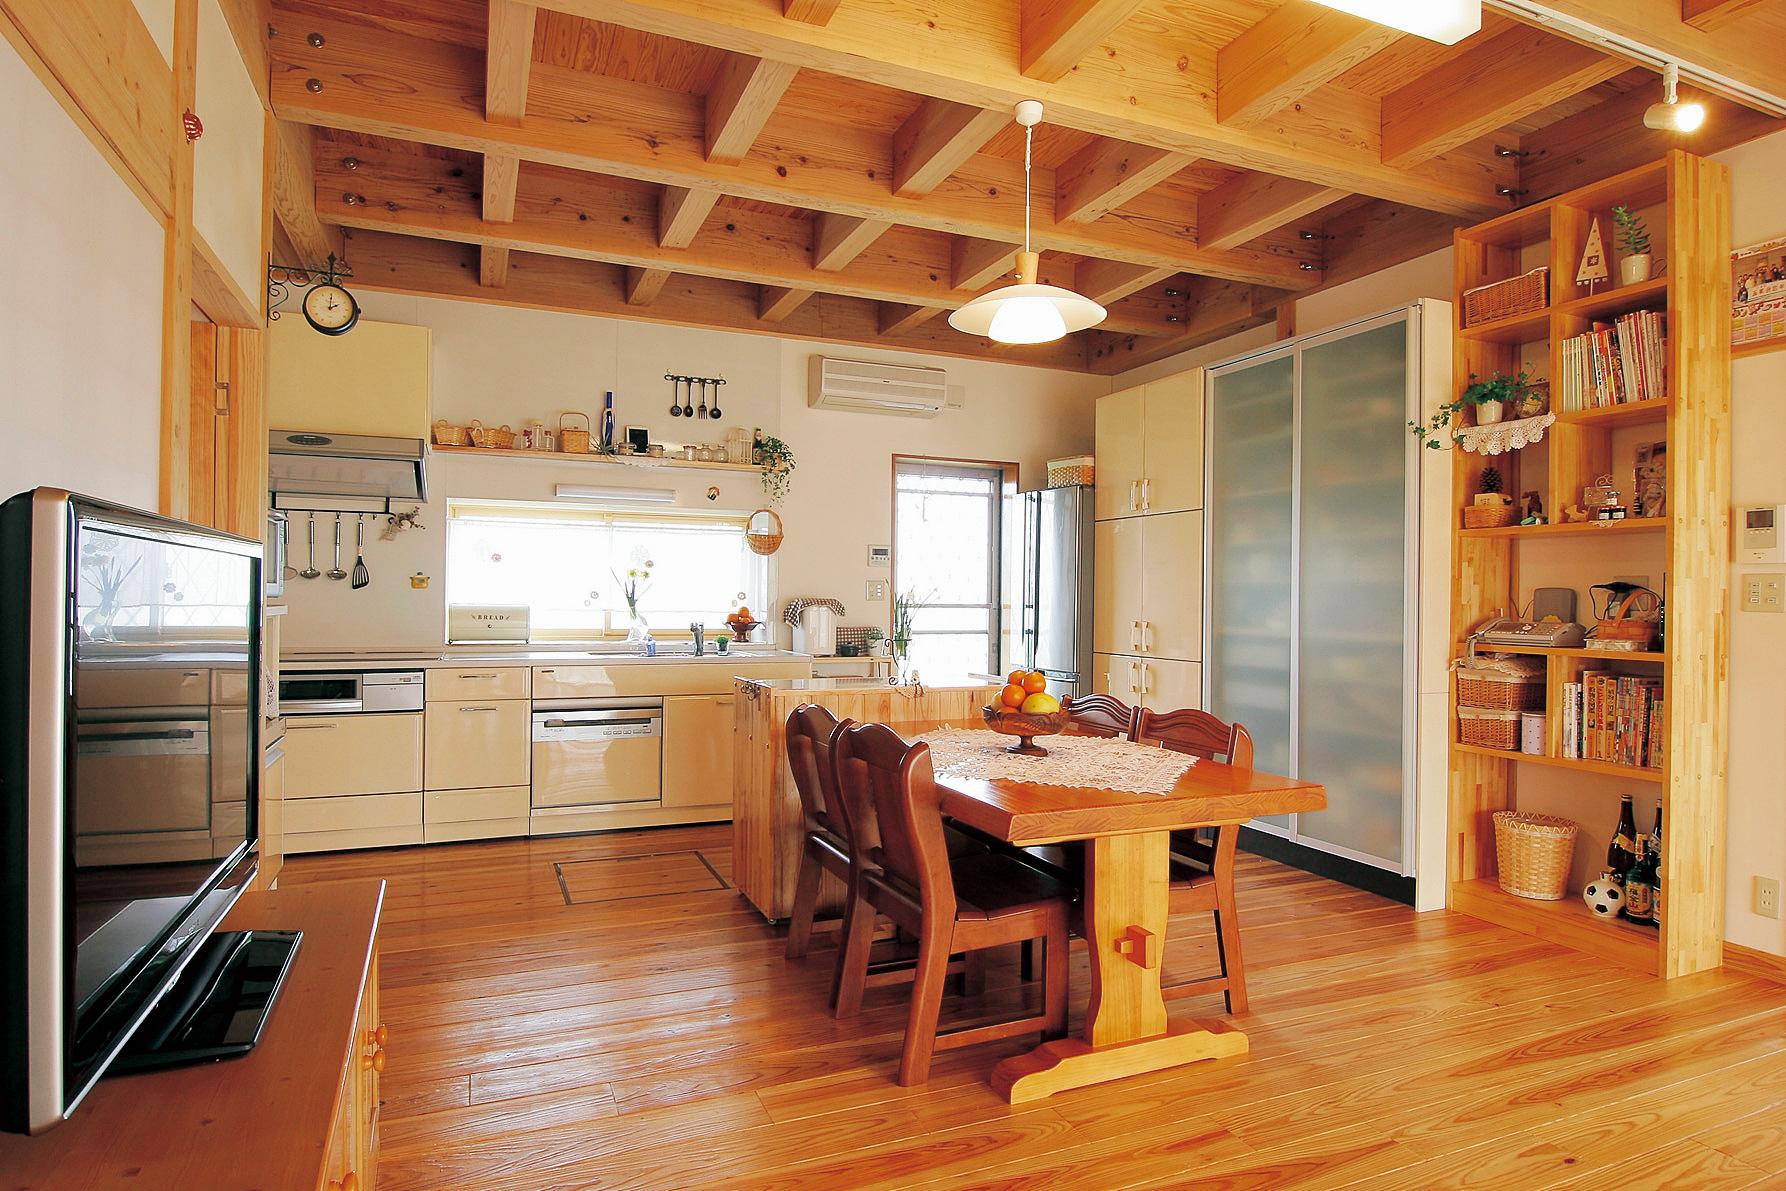 キッチンは広さを優先させてあえて壁側へ。窓も設けて採光性を高めているだけでなく、夏場は北側からの涼しい風を採り入れる仕組み